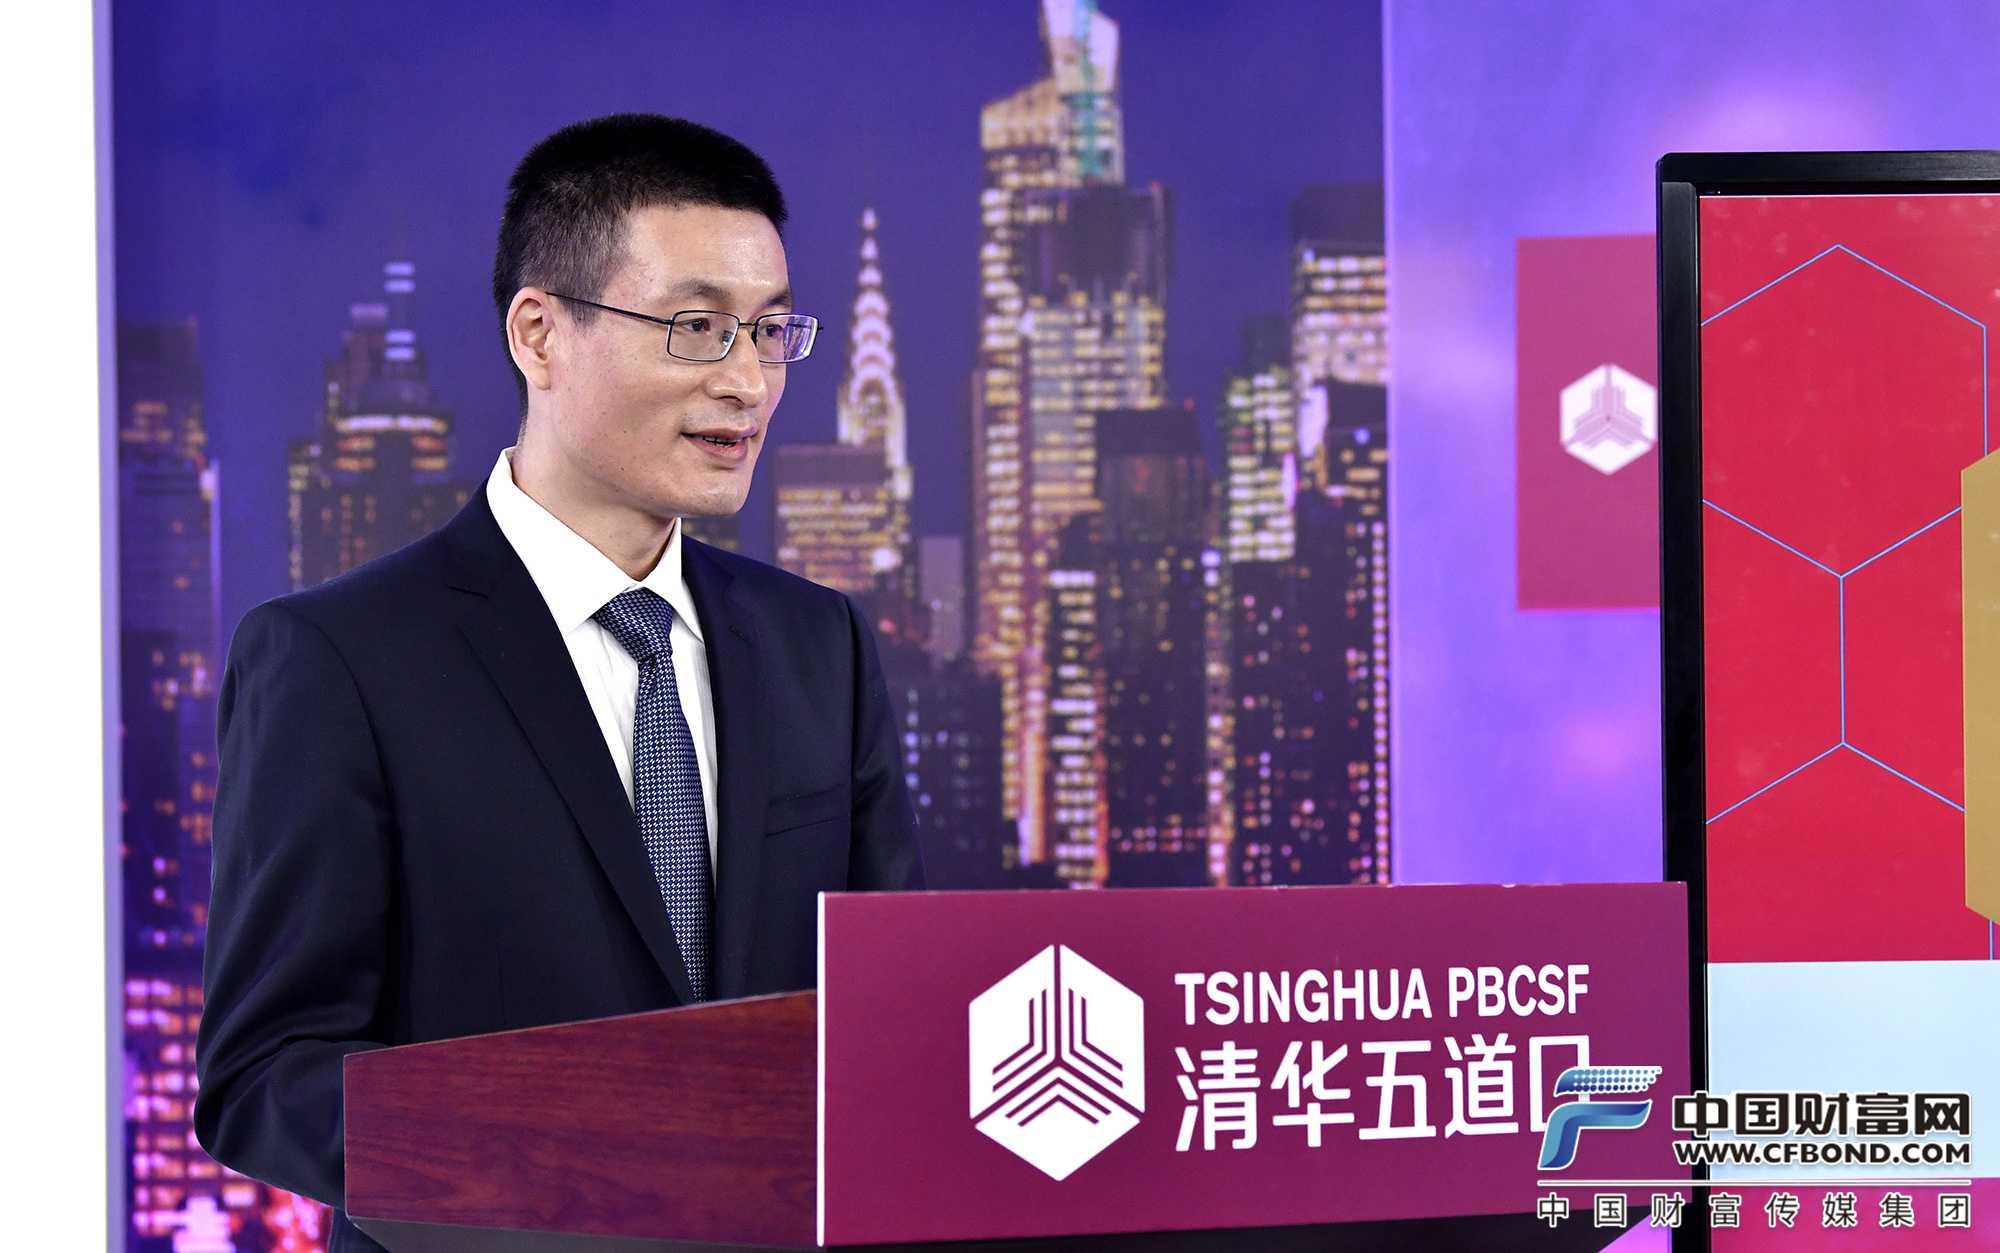 国家外汇管理局副局长陆磊进行主题分享